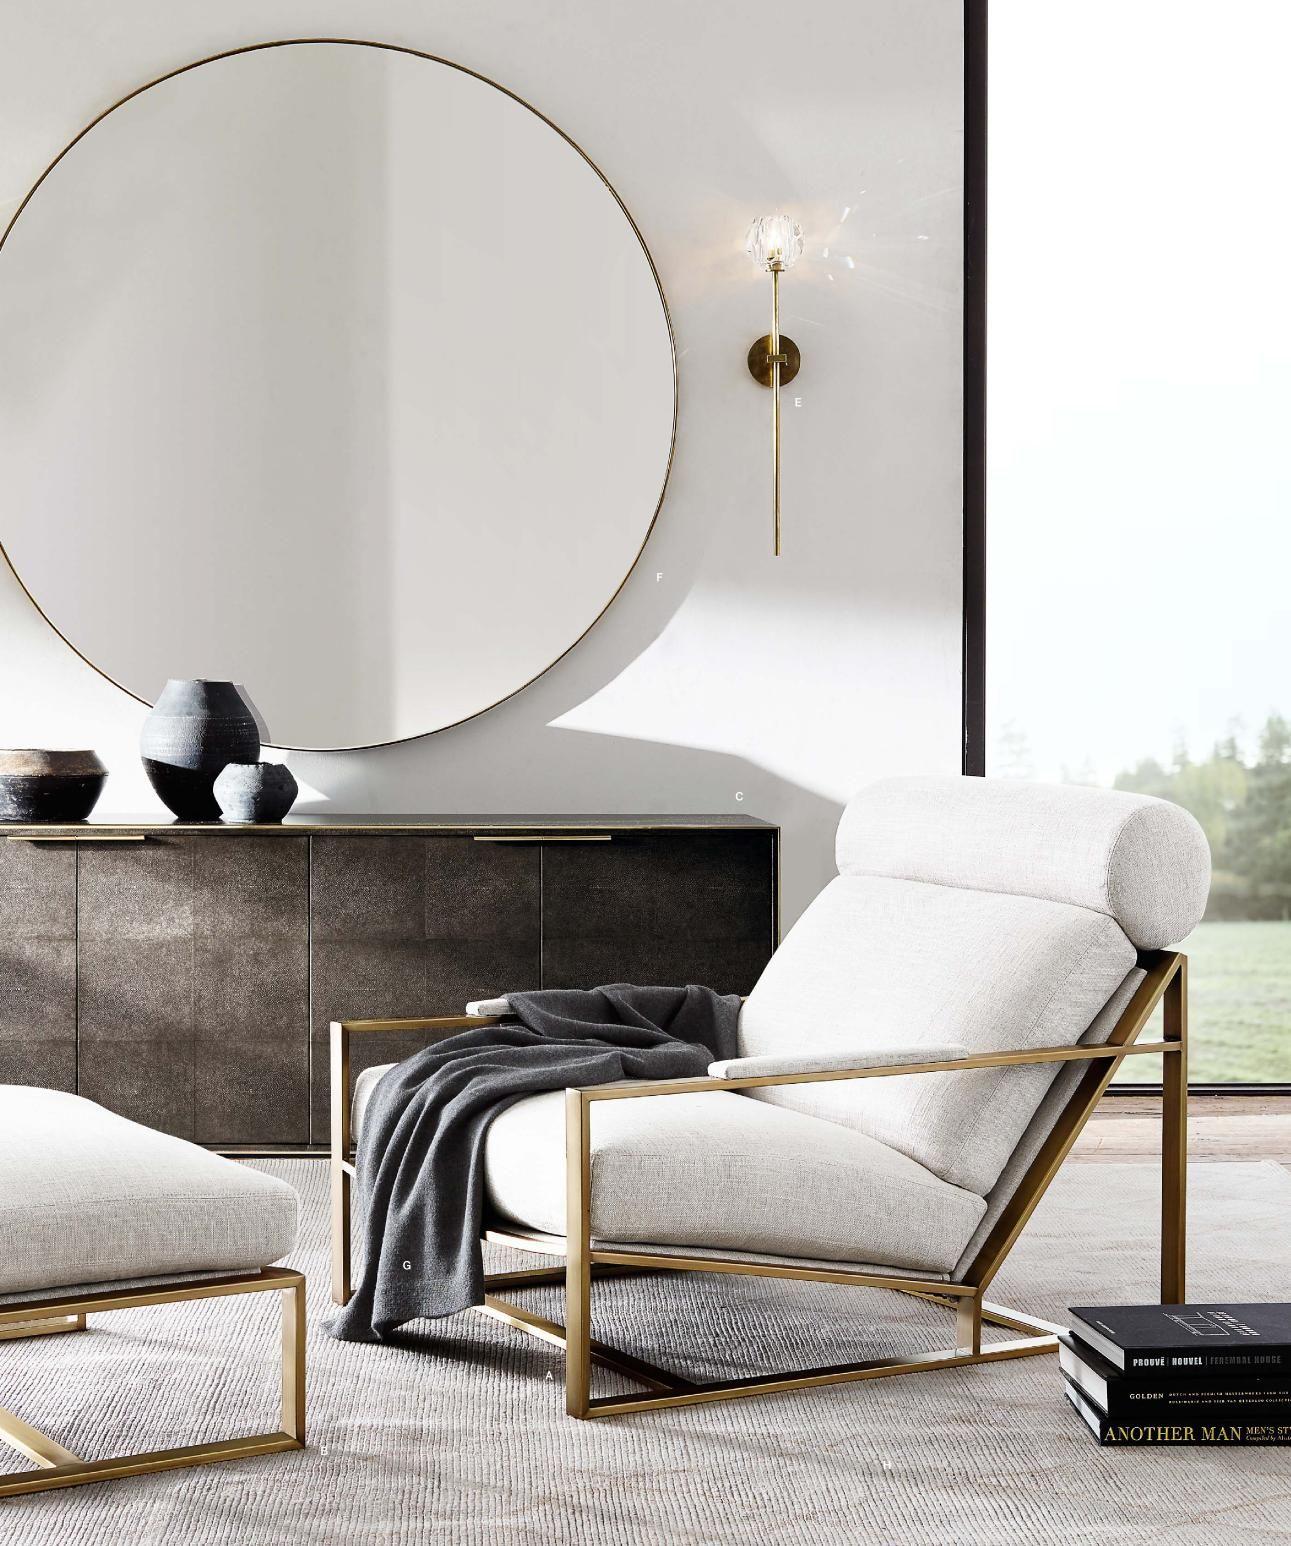 Wohnzimmerspiegel über couch minimalist style  furniture  pinterest  interiores hogar y muebles